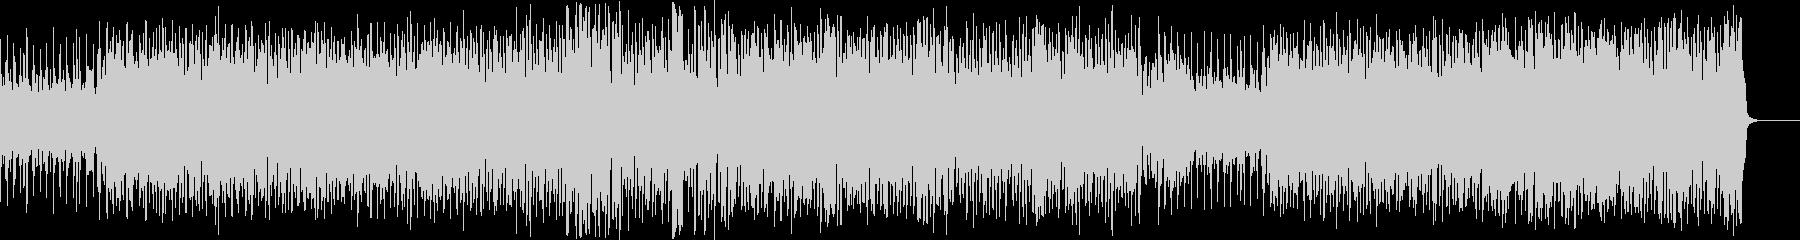 【フル尺】カントリー&ウェスタンの楽曲の未再生の波形